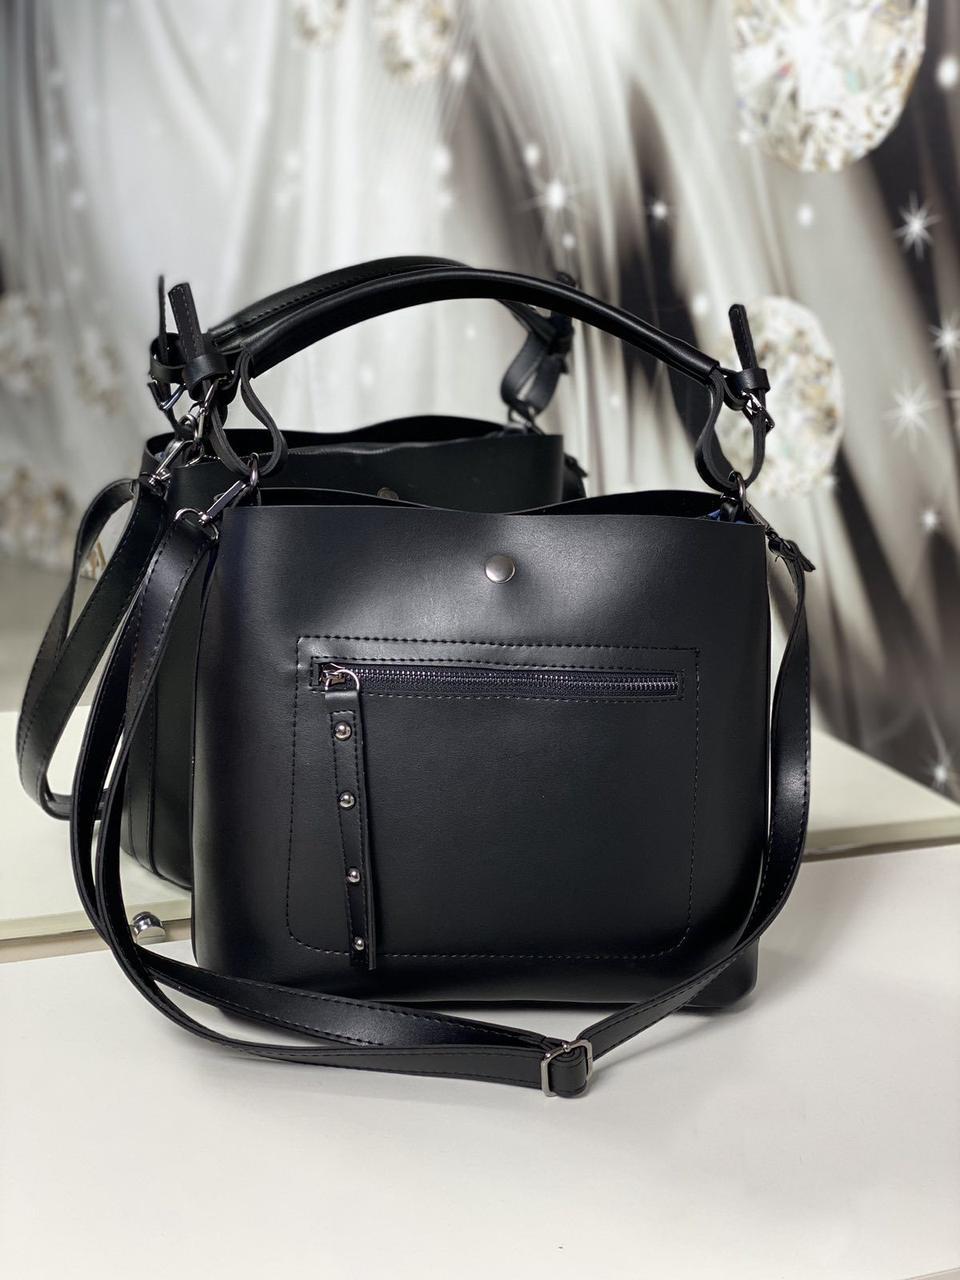 Женская сумка черная средняя классическая небольшая повседневная квадратная экокожа